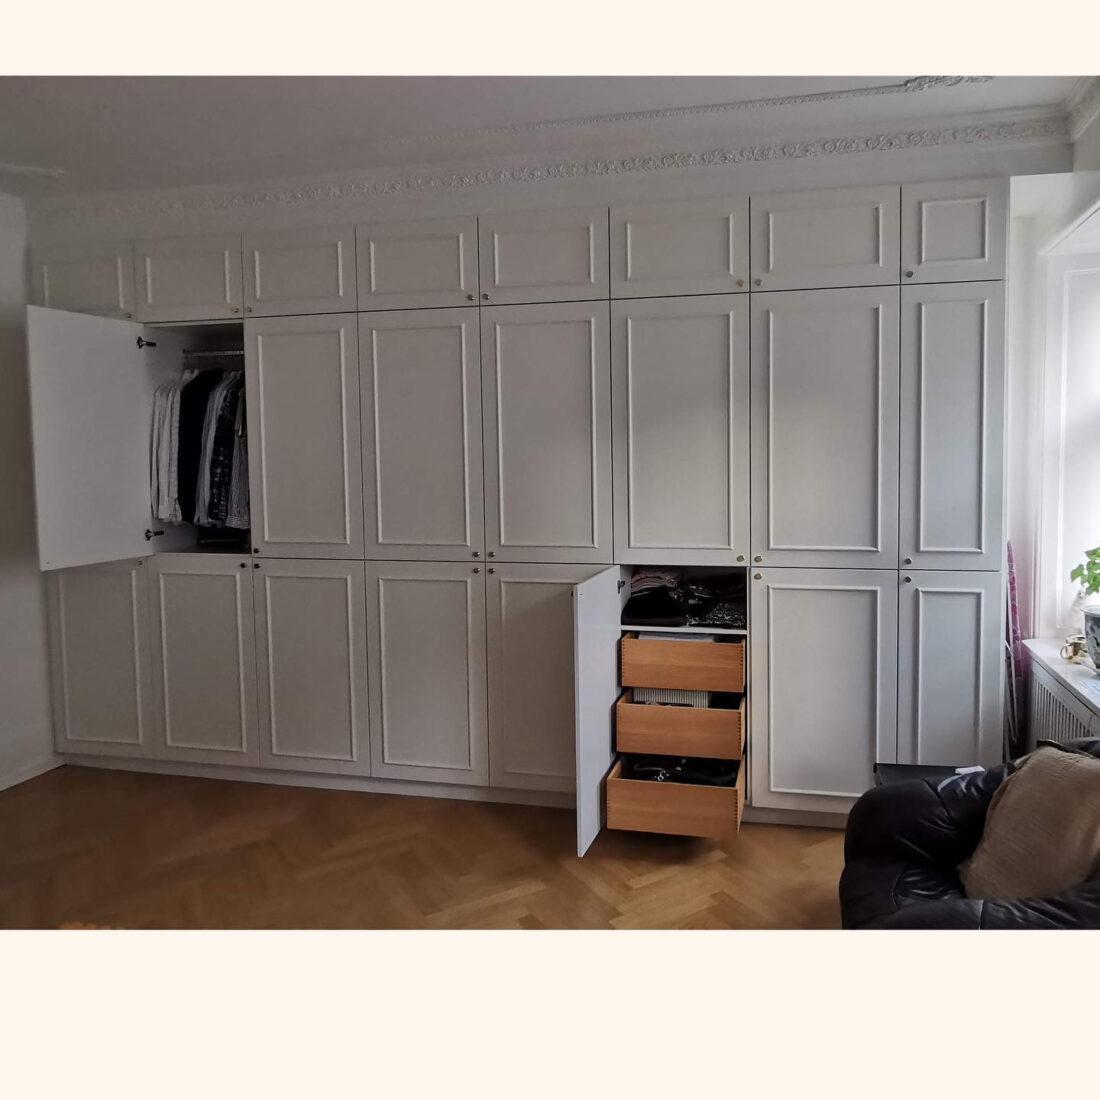 Indbygget garderobe med special- og snedker-lavede låger og egetræs skuffer